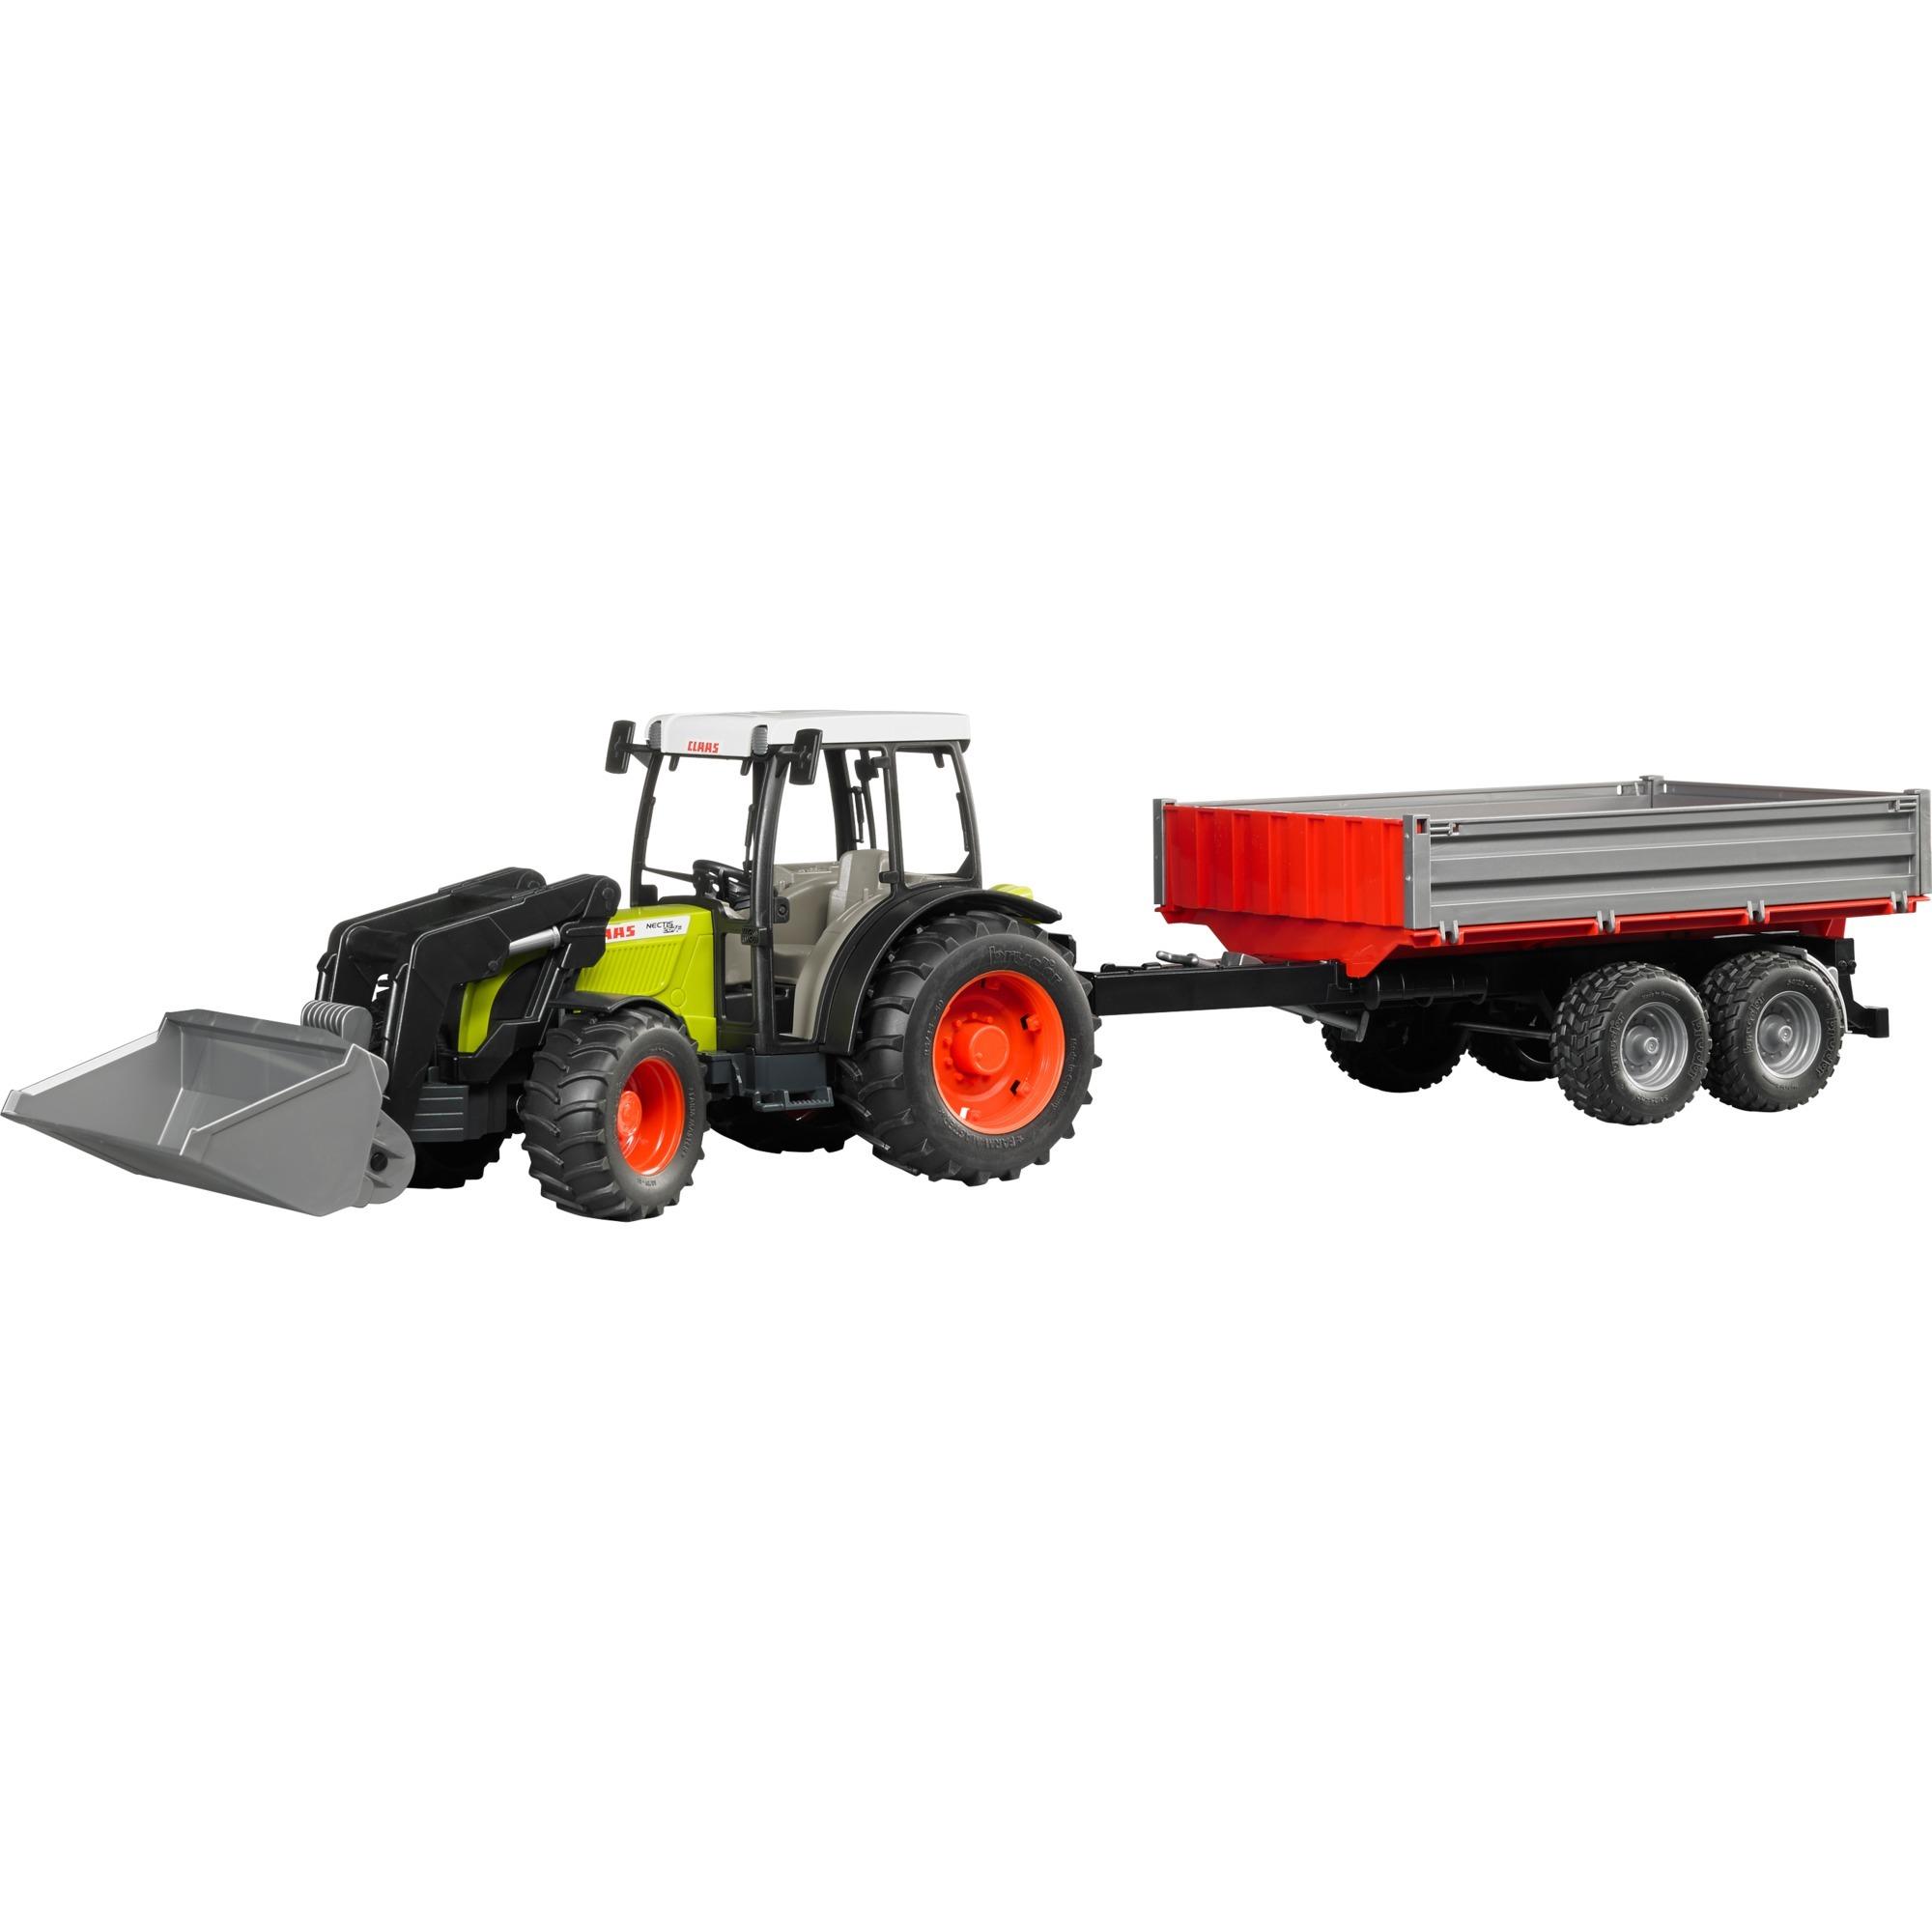 02112 ABS sintéticos vehículo de juguete, Automóvil de construcción